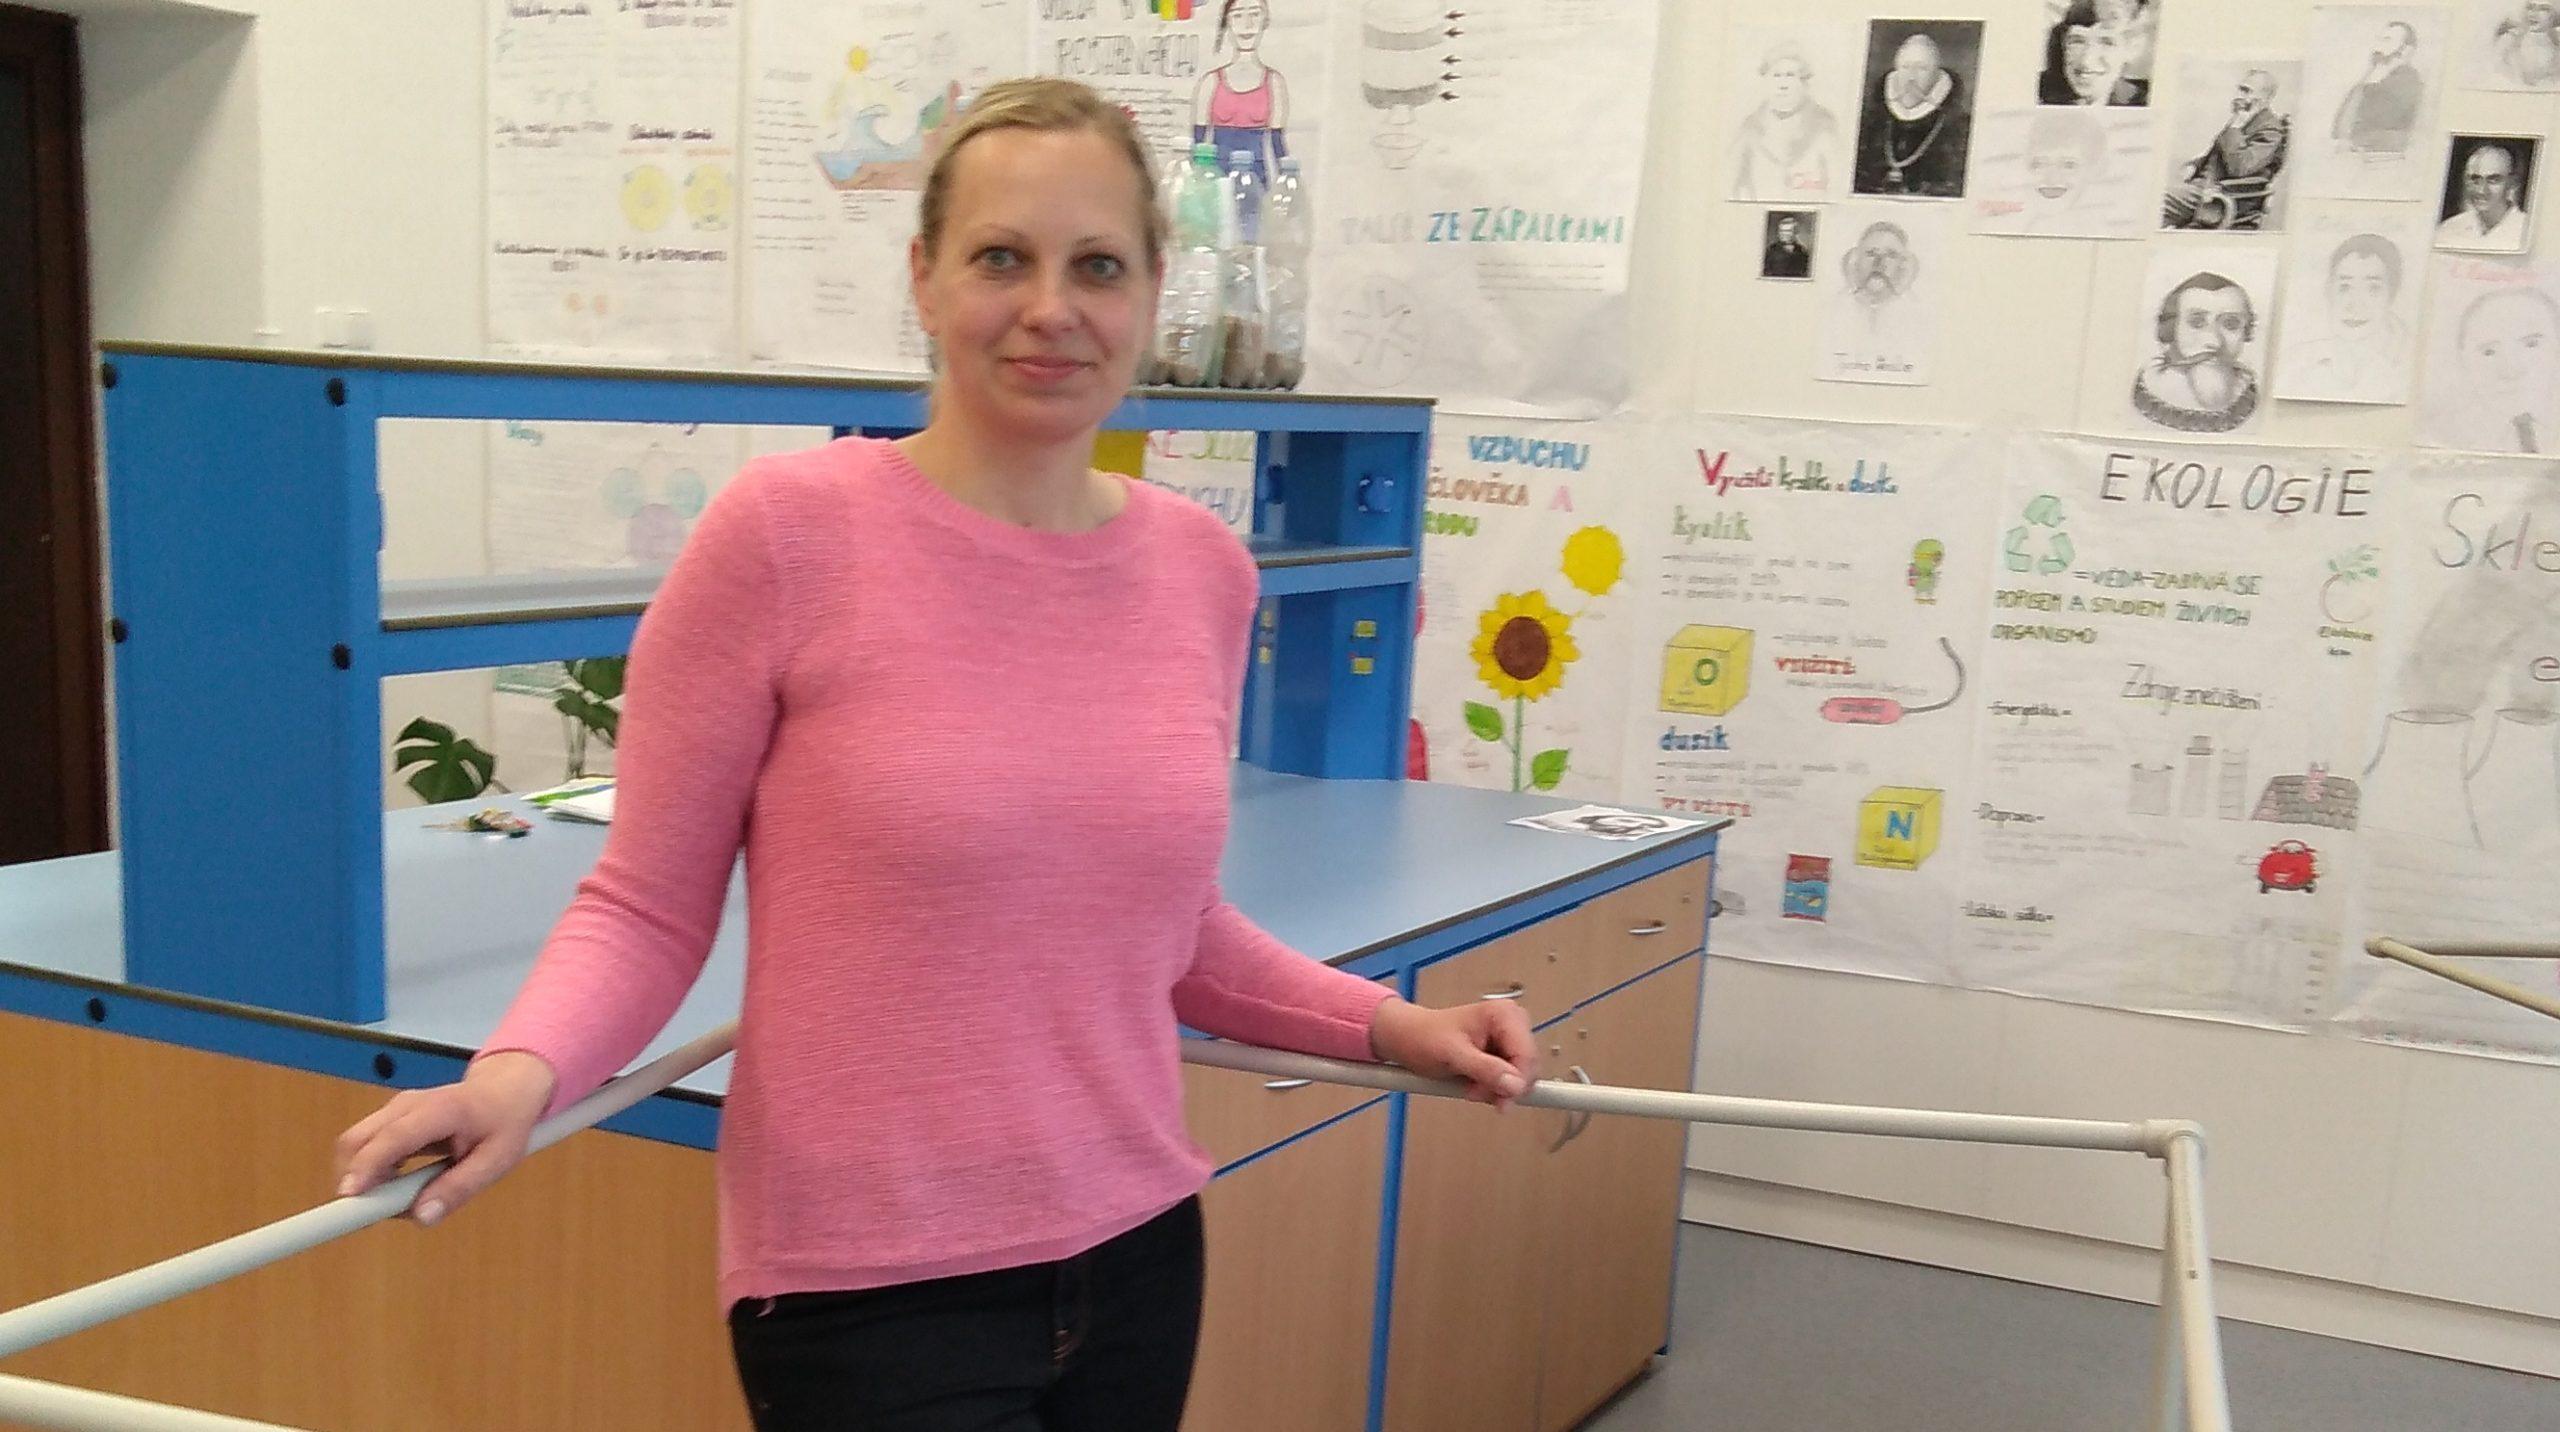 Jana Červená učí už deset let. Před mateřskou pracovala na střední škole, po ní nastoupila na základní školu. Každý rok se snažila svou výuku obohatit tak, aby děti více bavila.